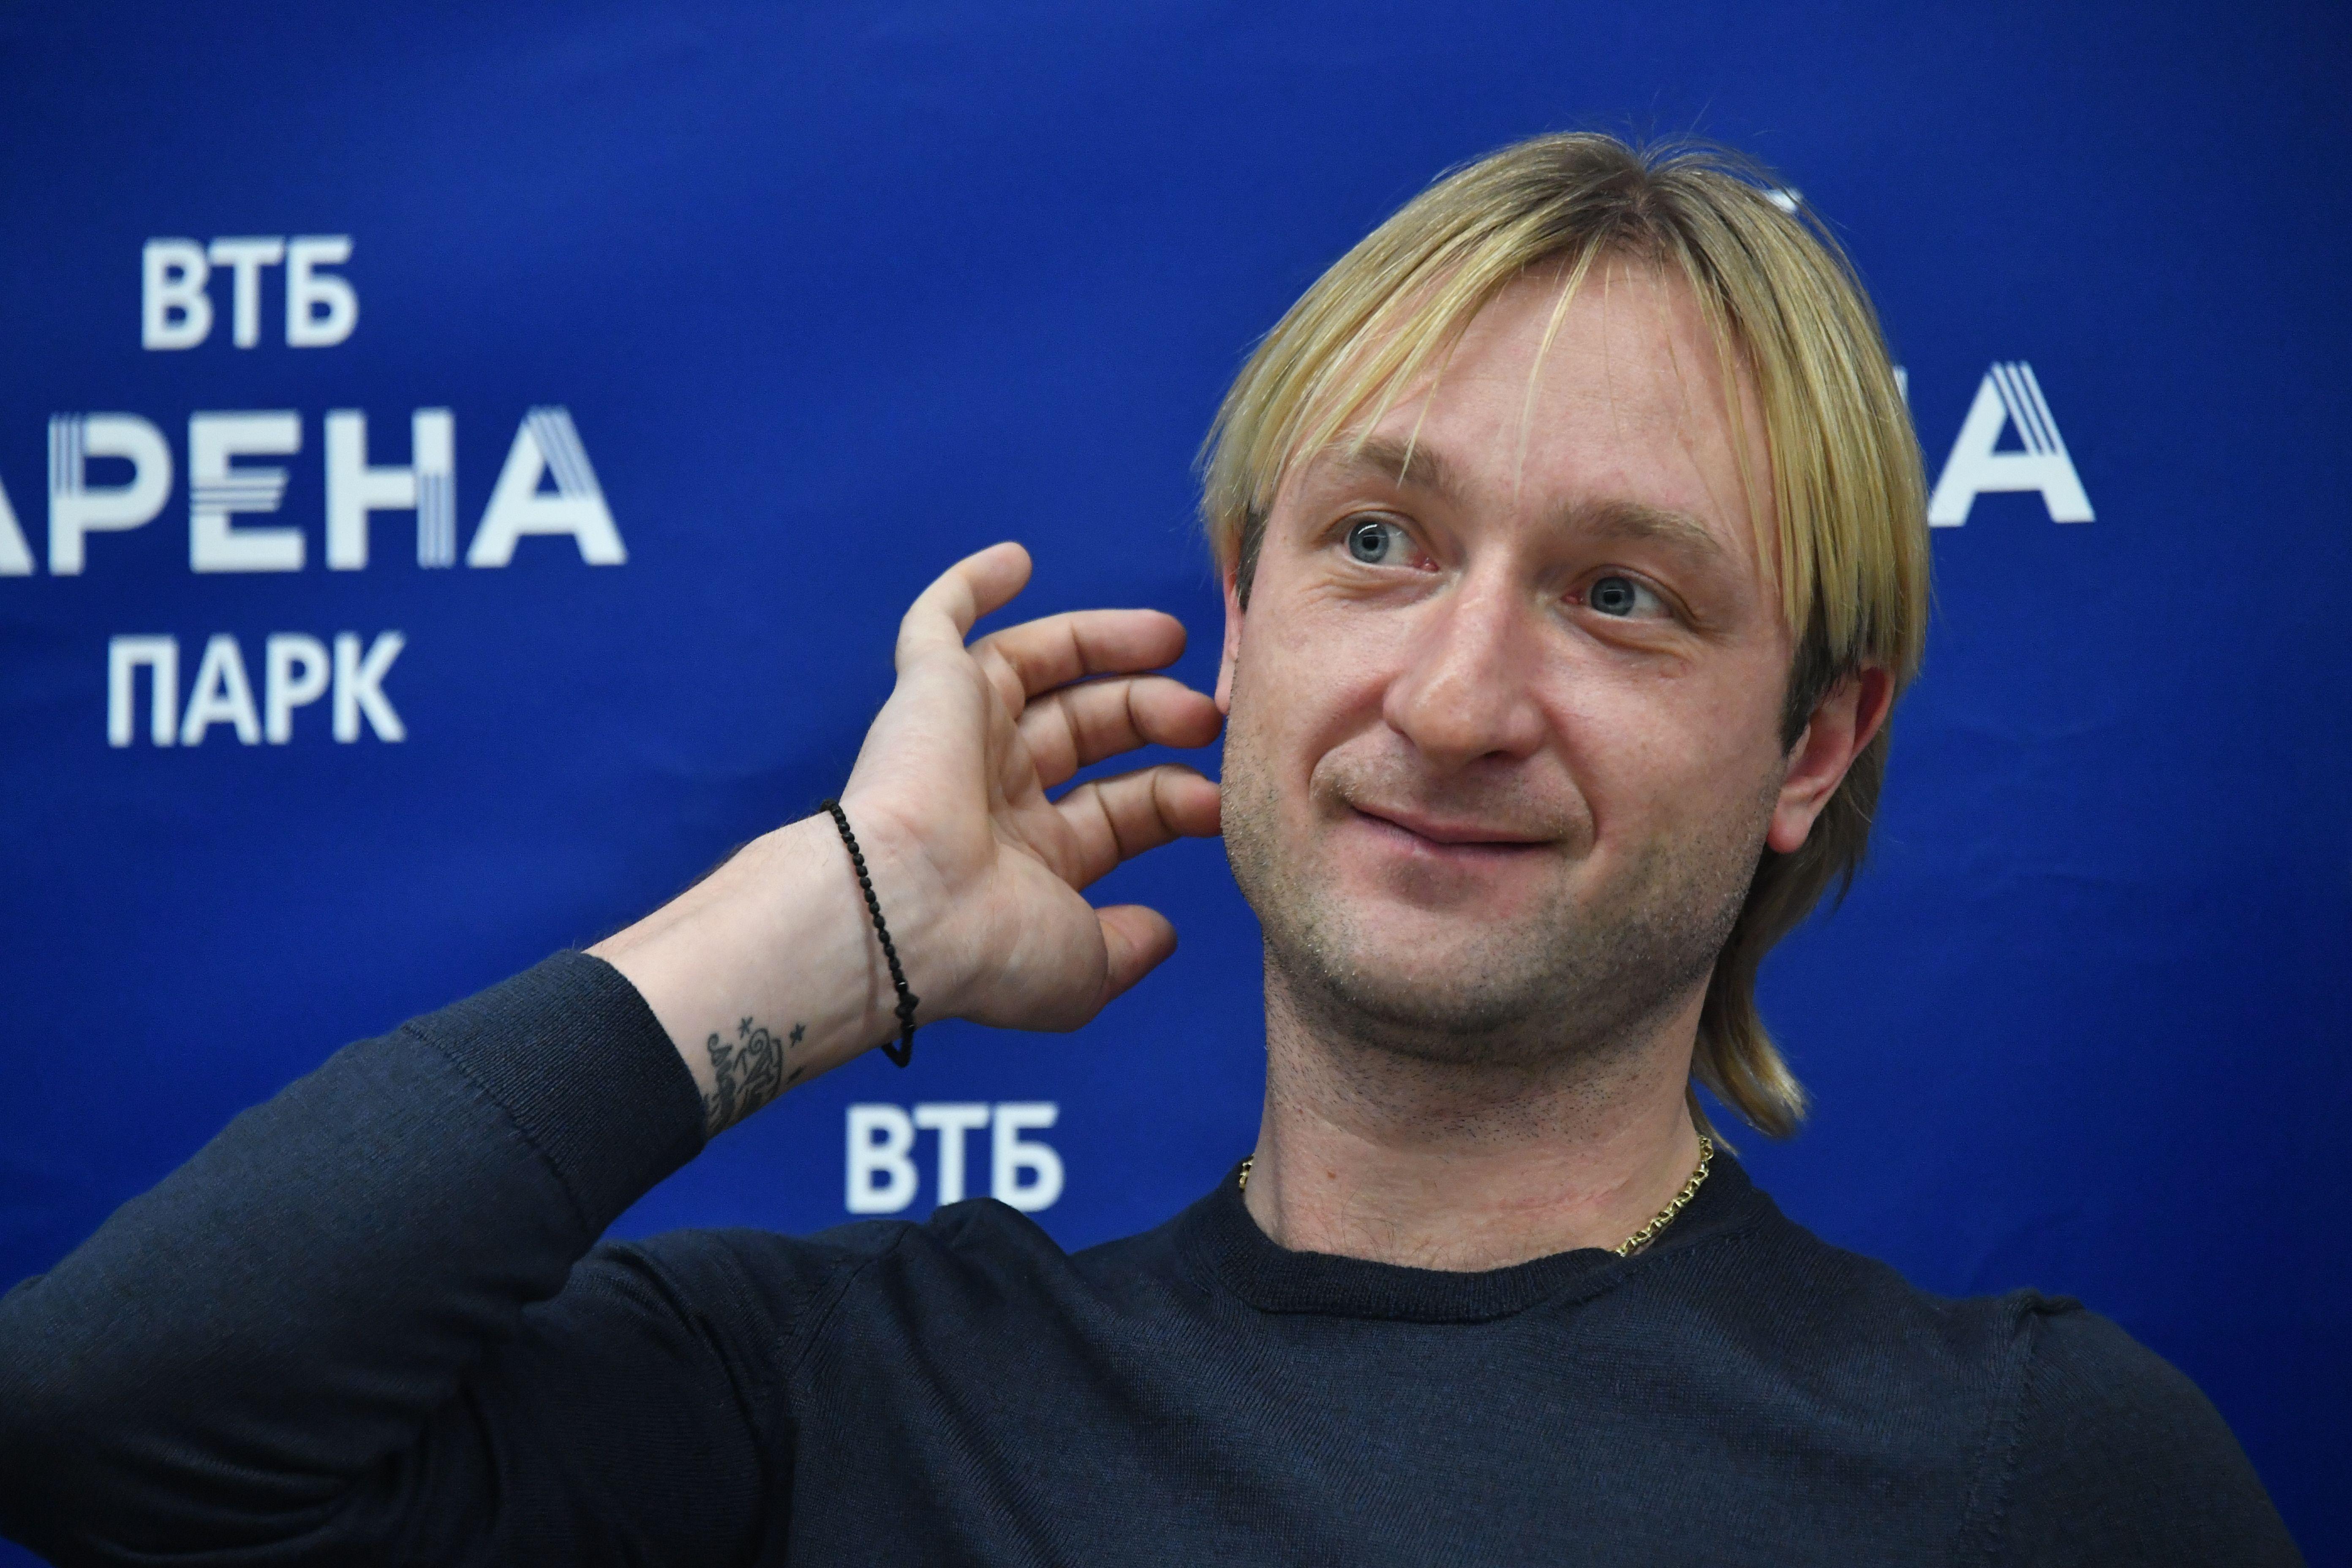 Плющенко предложил дружбу Тутберидзе: 'Я ни с кем не воюю. Дружить — это мой принцип'